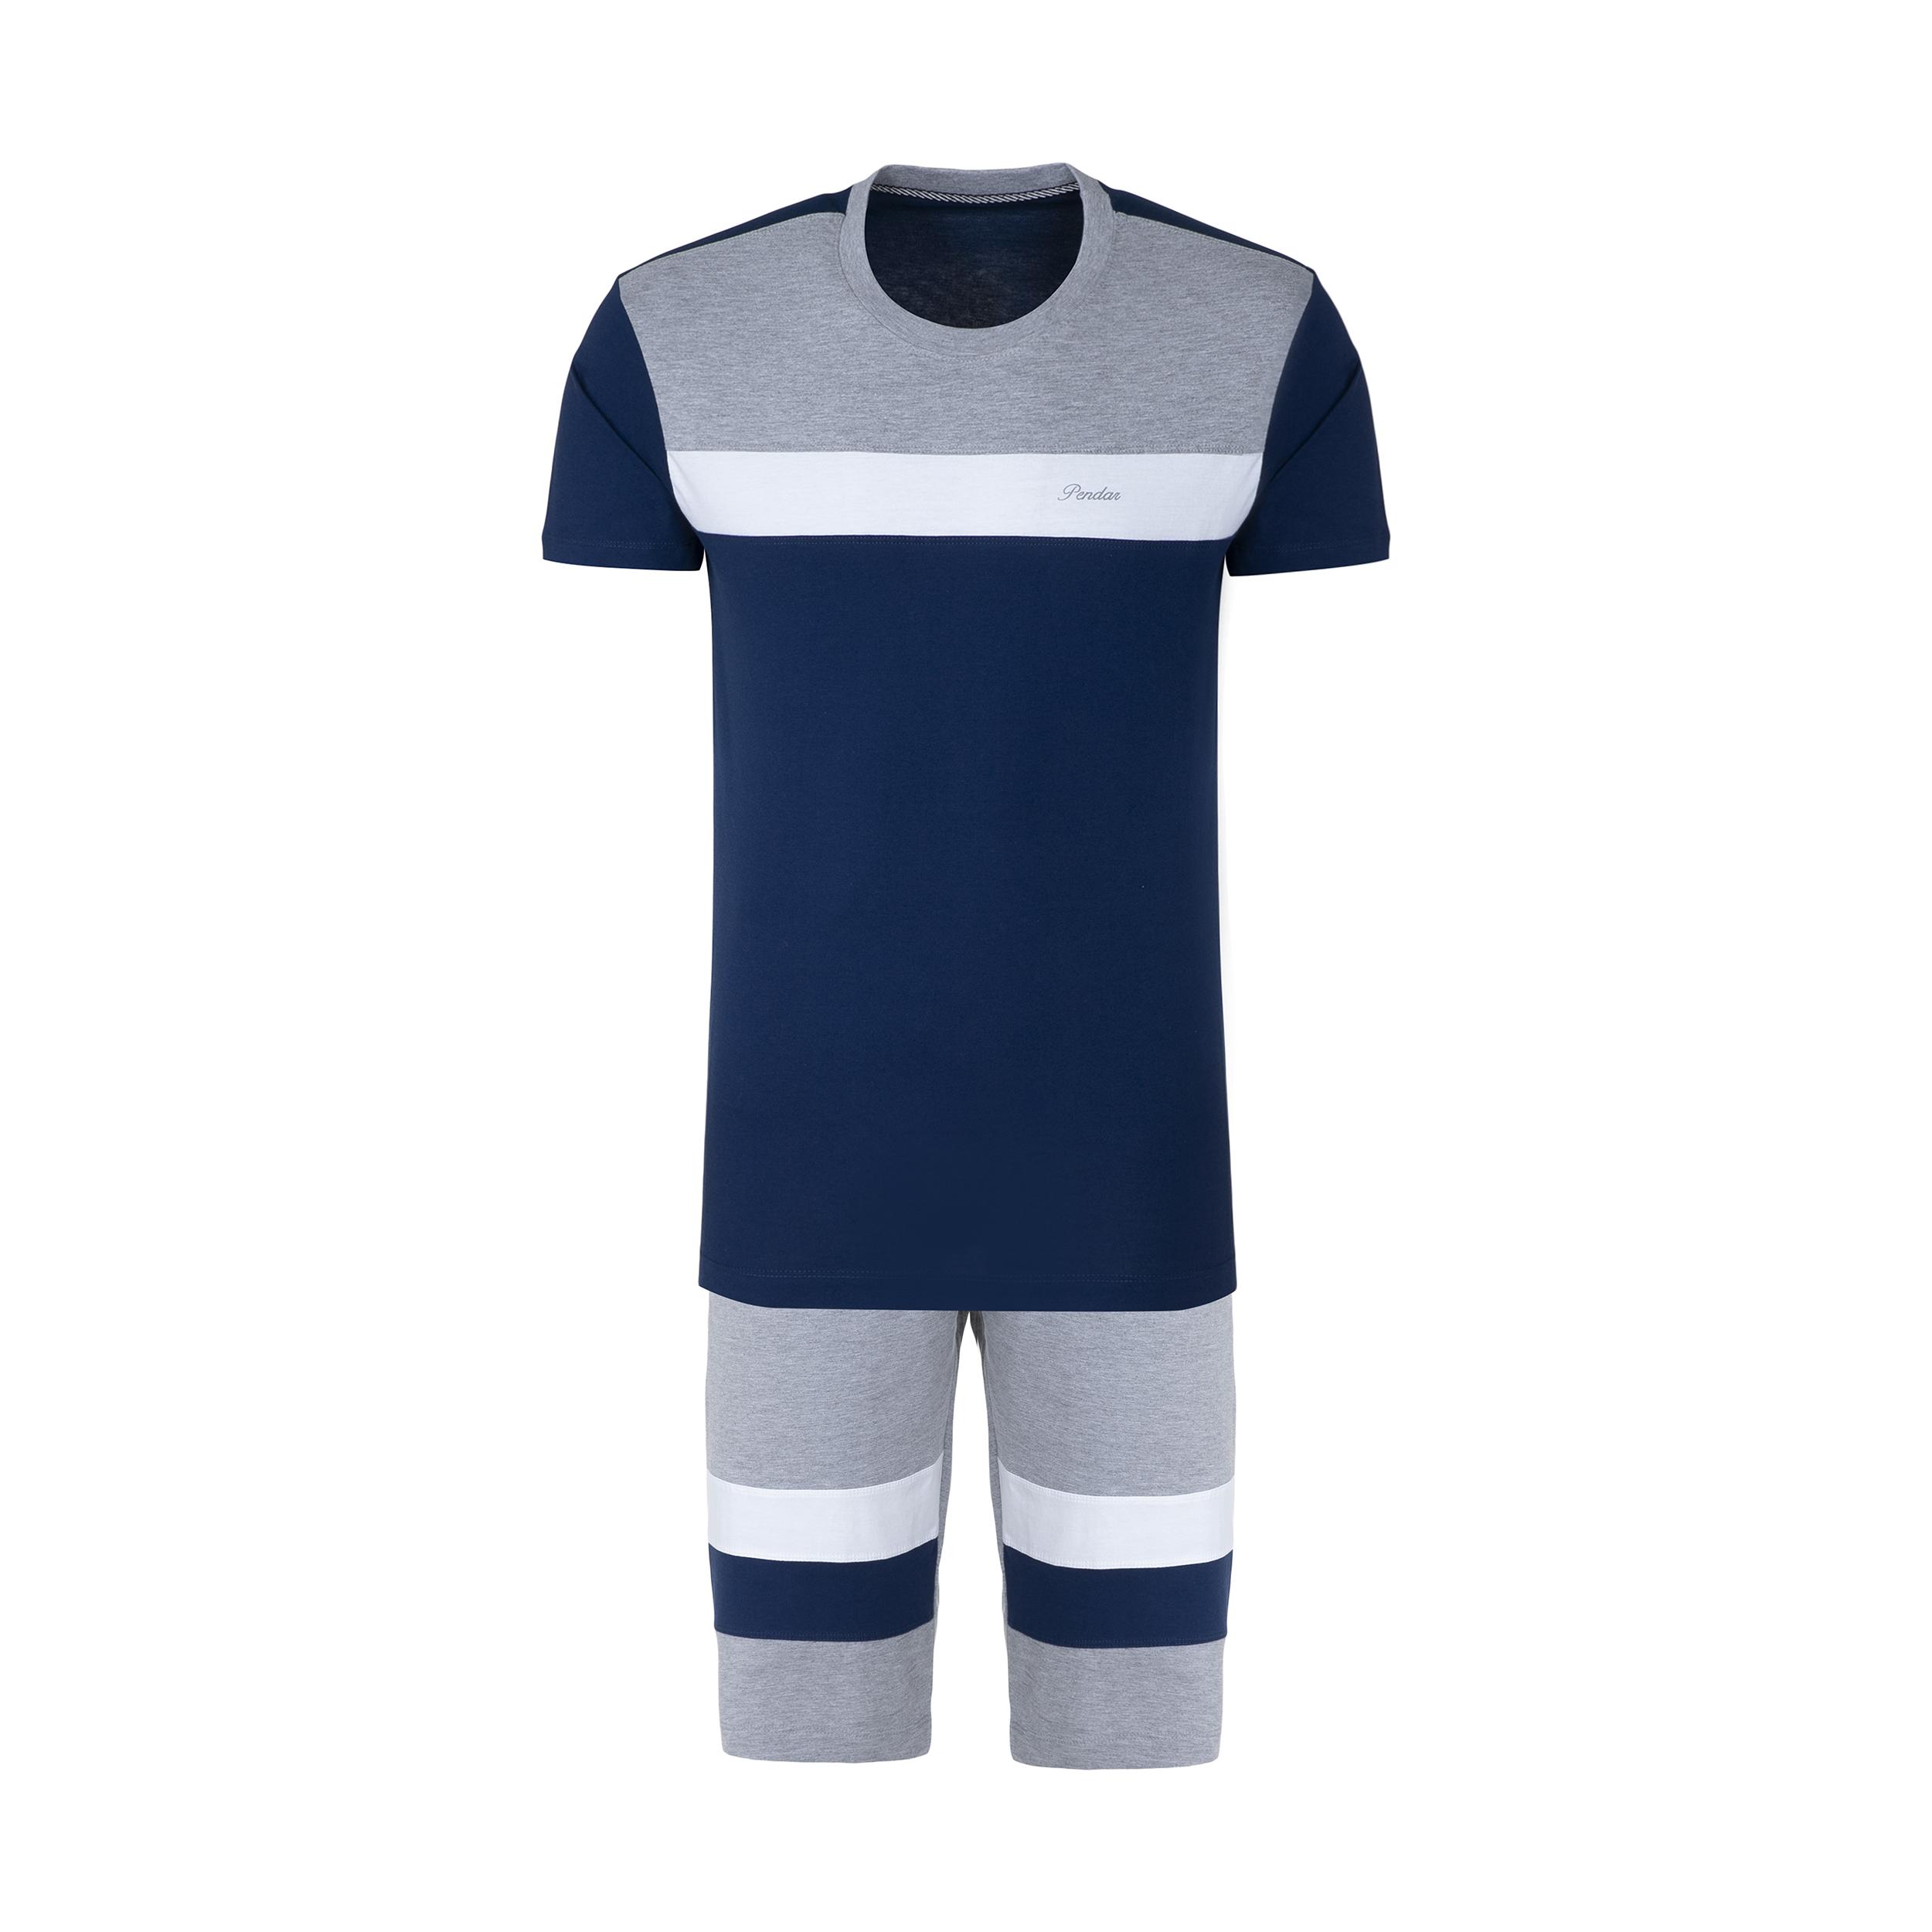 ست تی شرت و شلوارک مردانه پندار مدل B338 کد C6